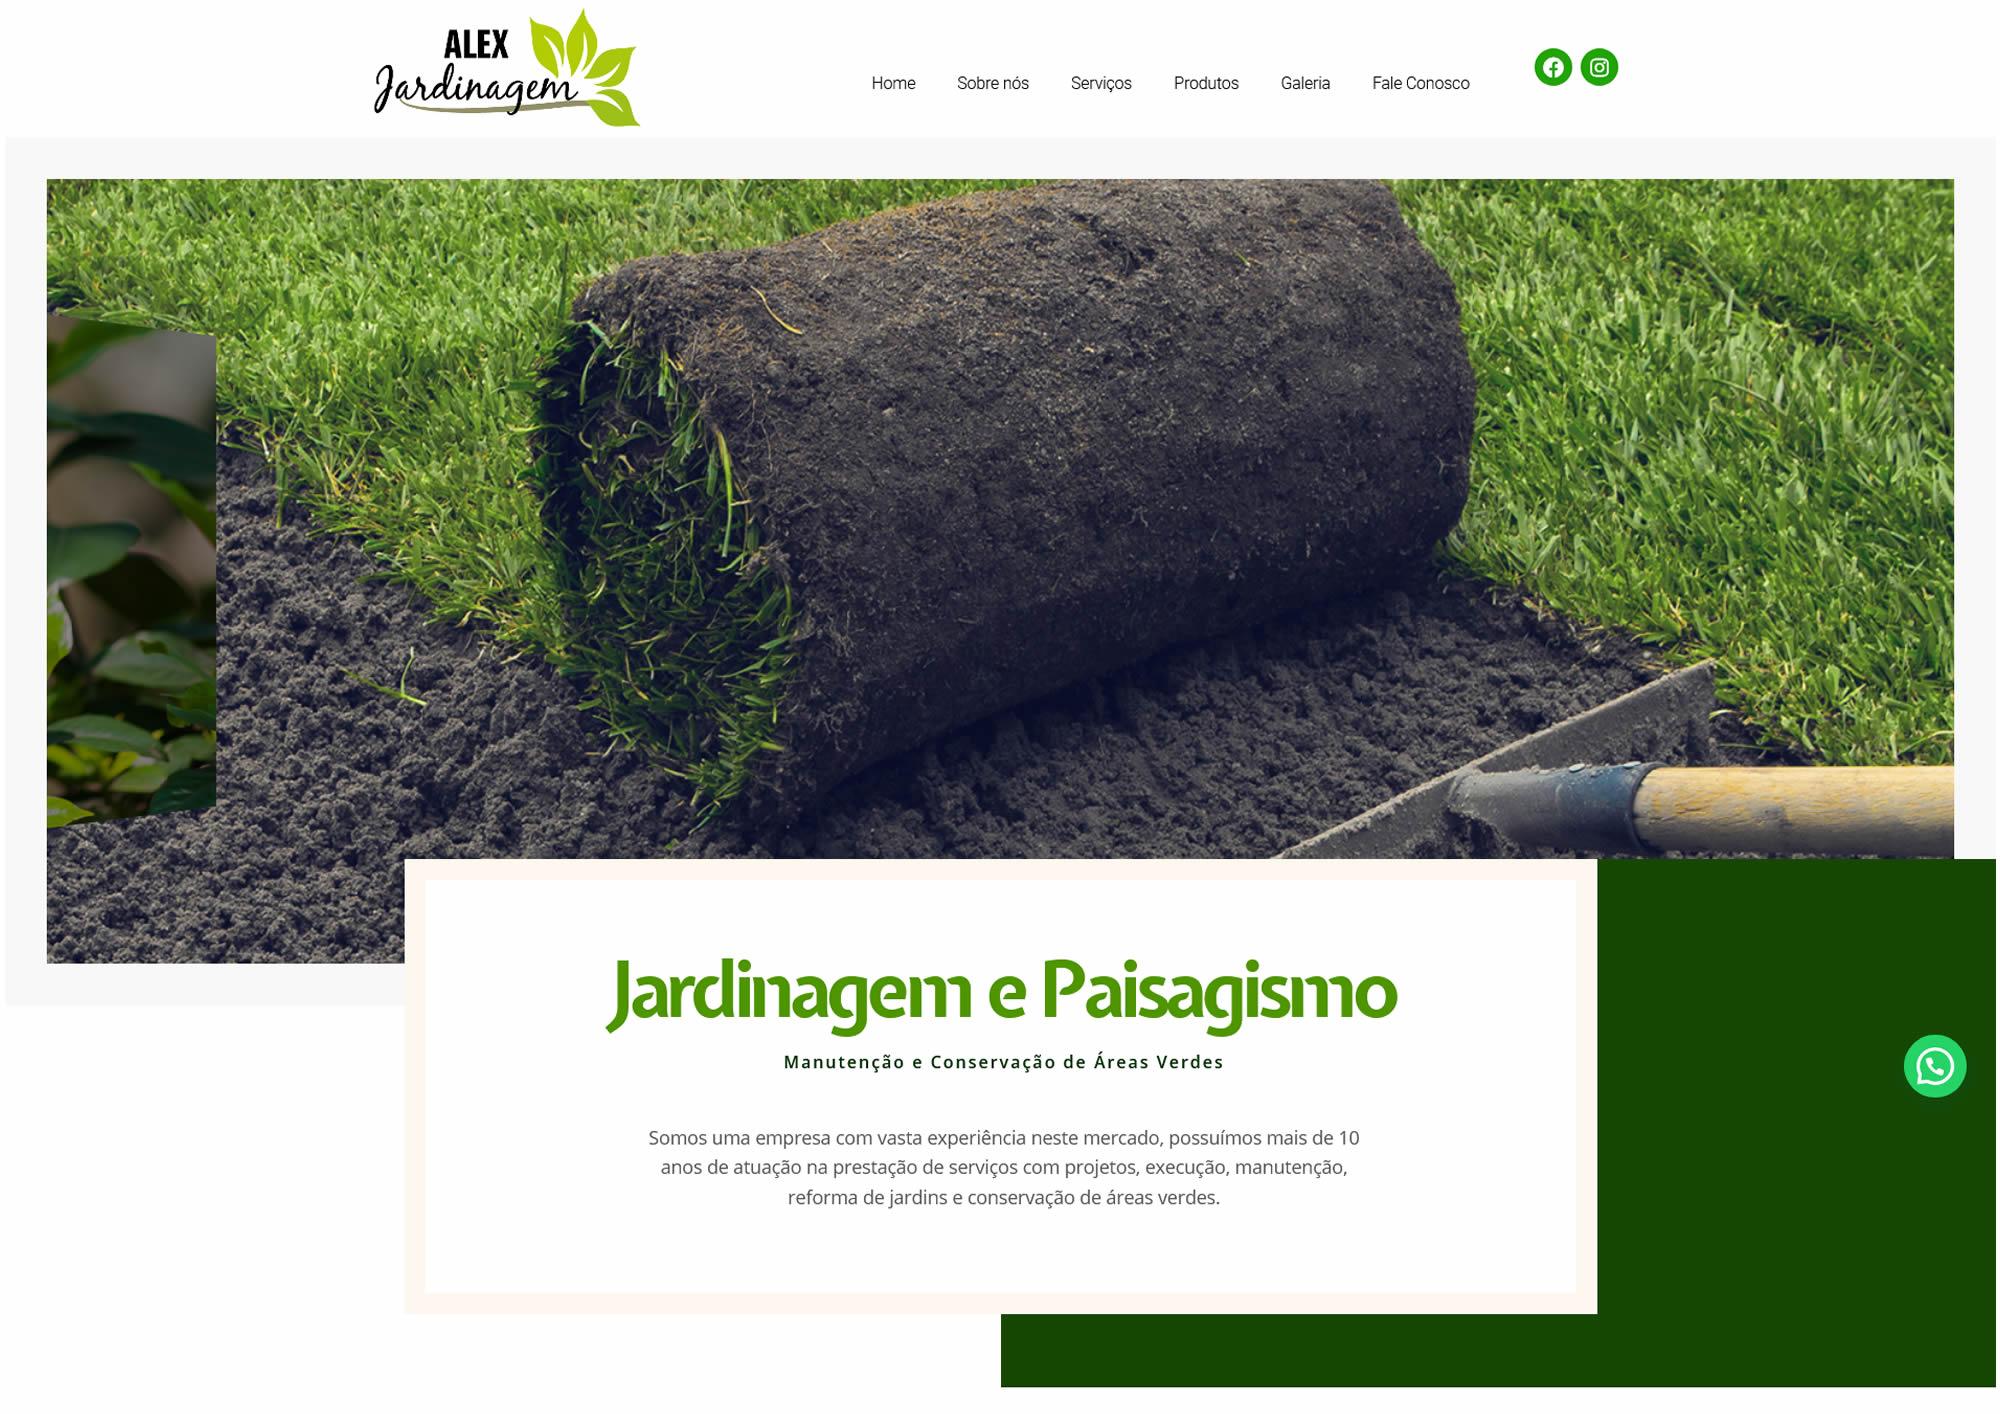 criacao-de-site-alex-jardinagem